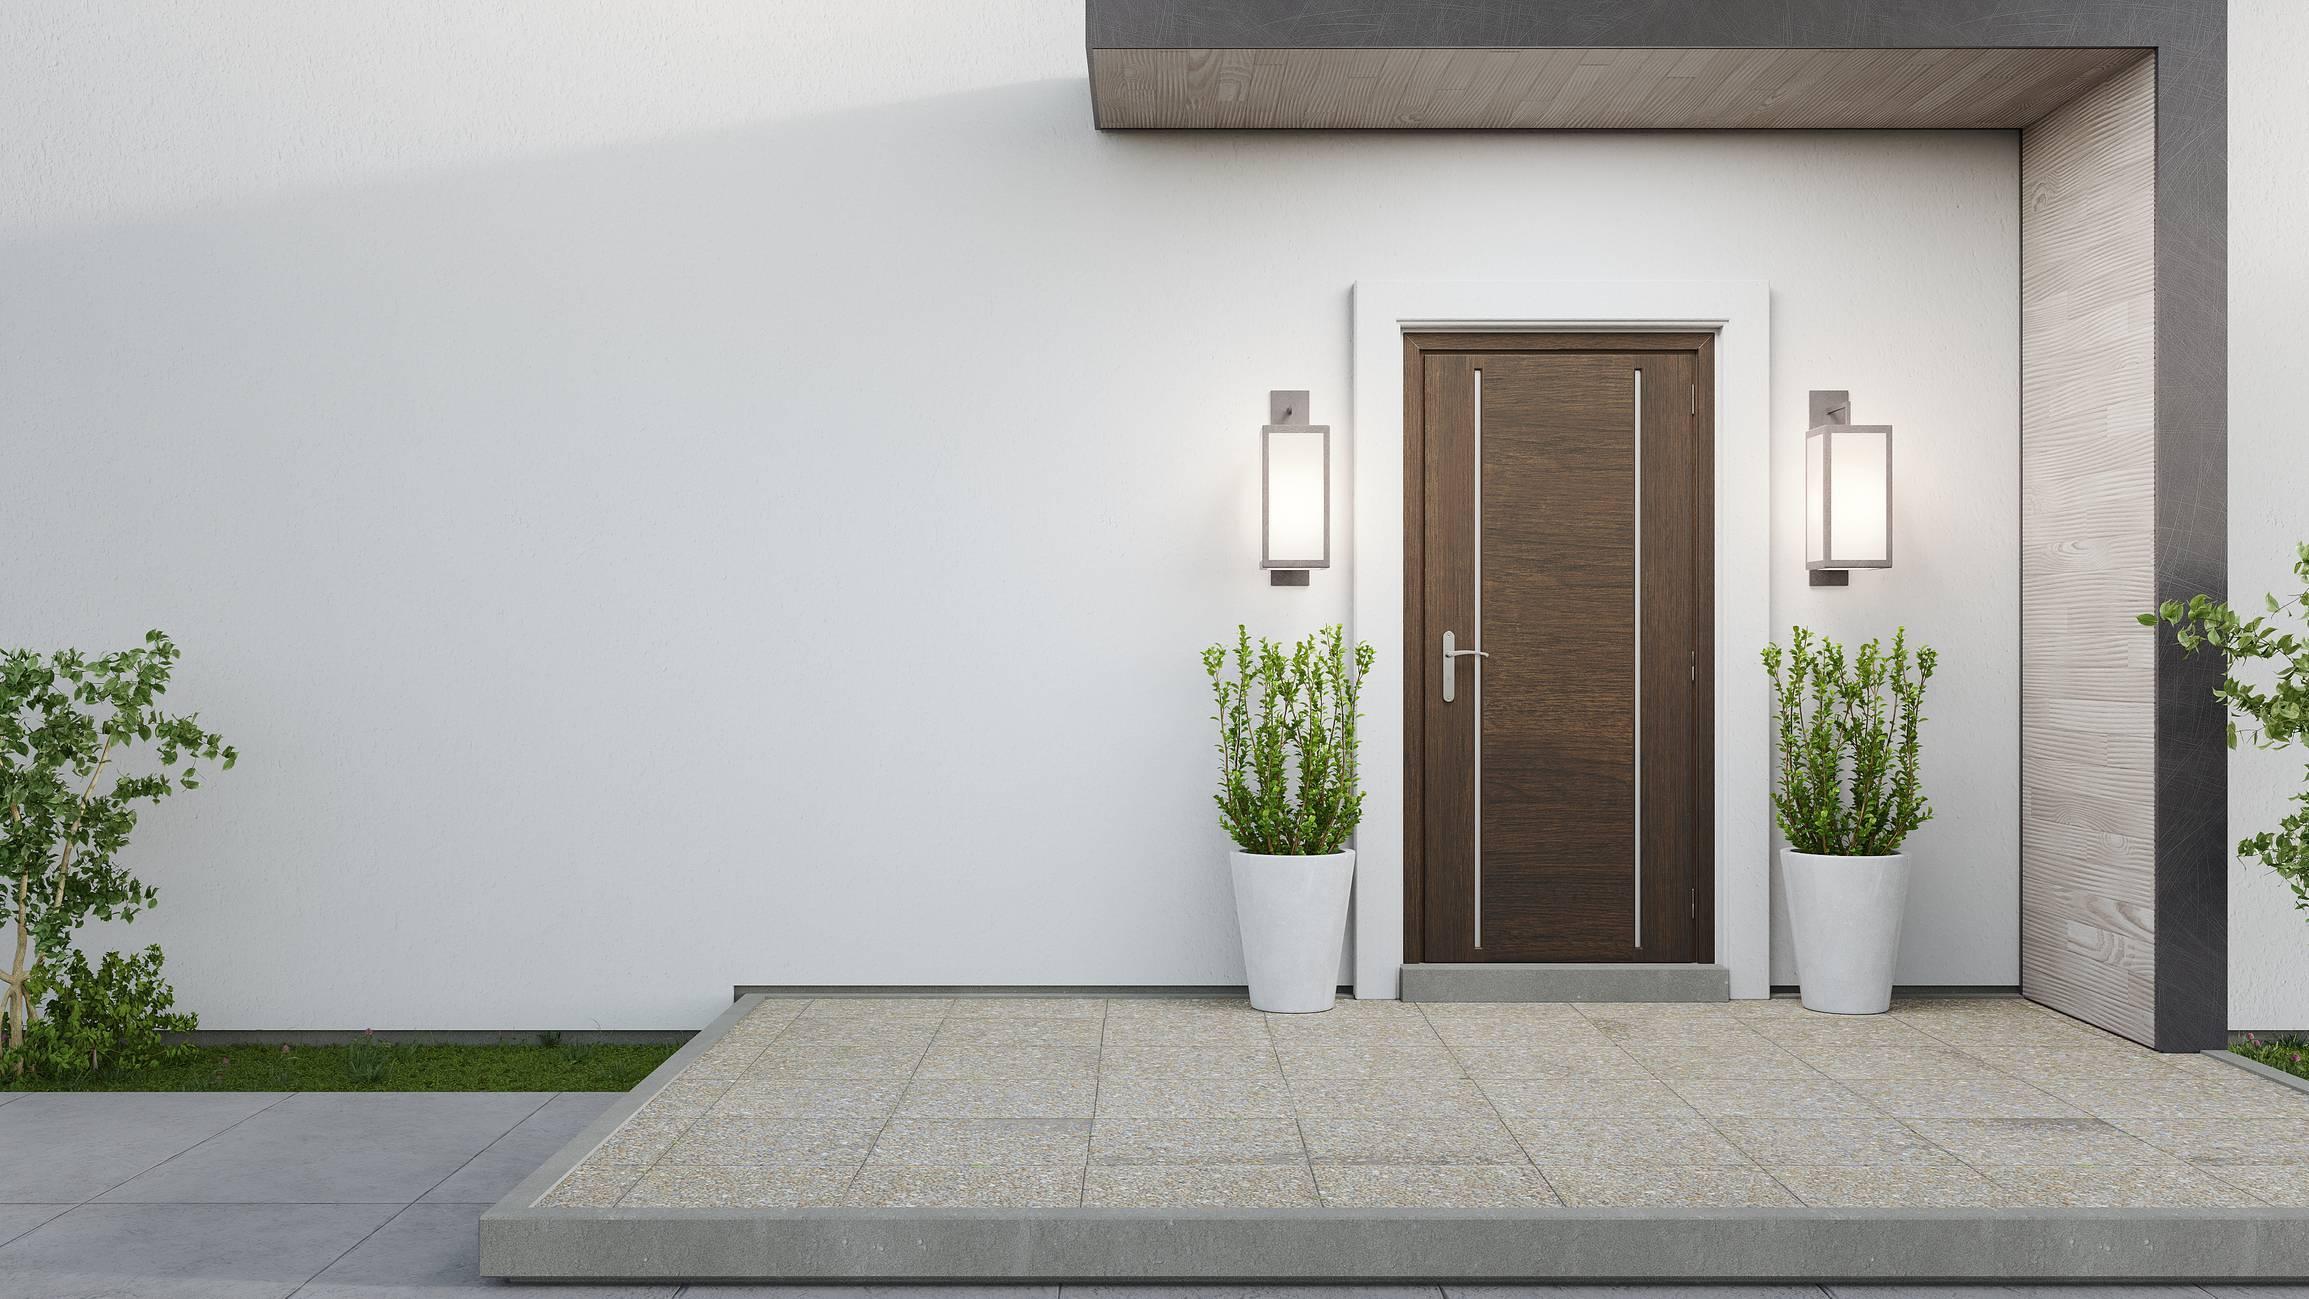 comment créer une entrée de maison accueillante